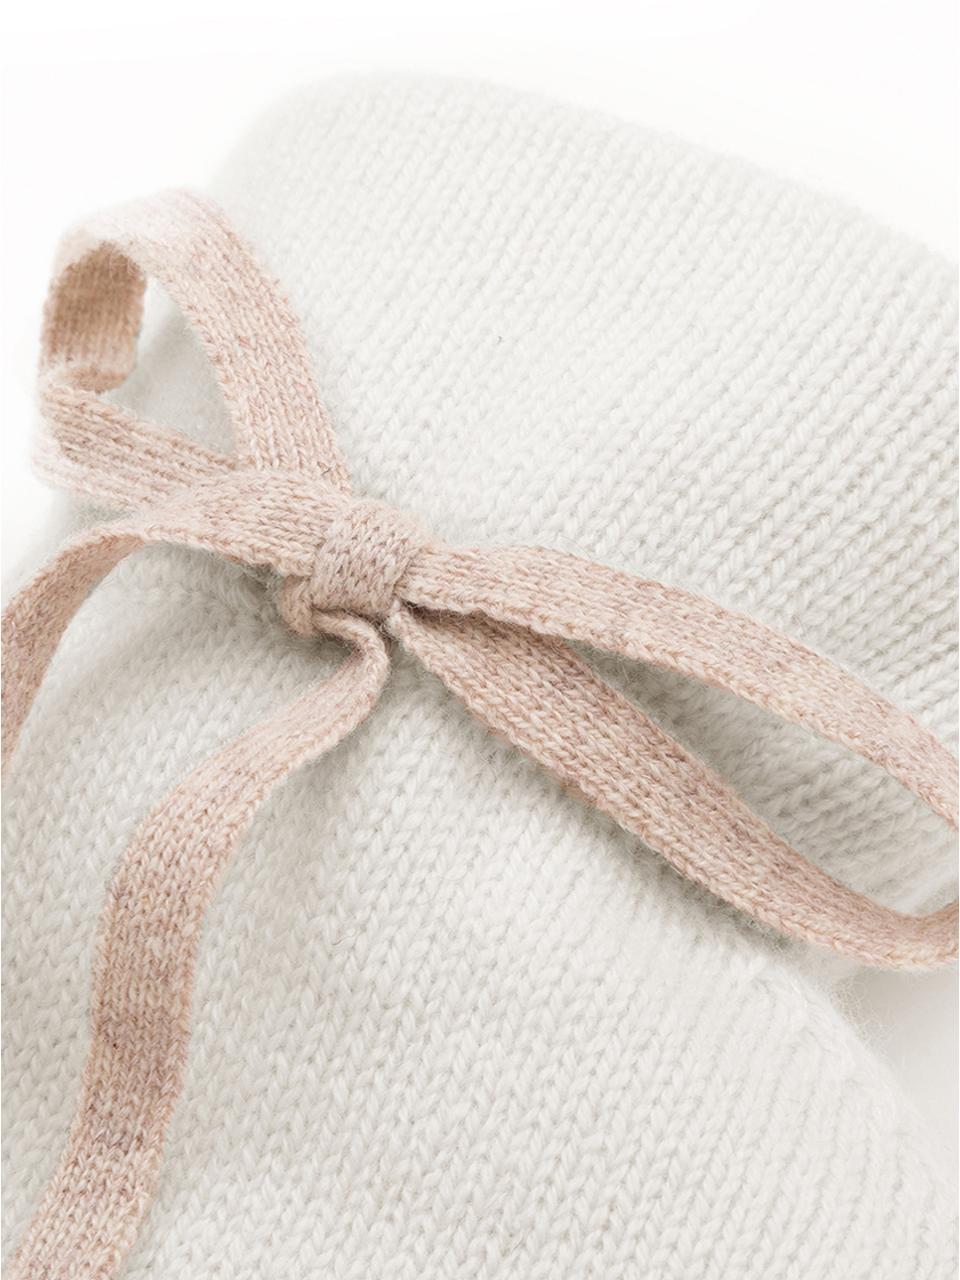 Kaschmir-Wärmflasche Florentina, Bezug: 70% Kaschmir, 30% Merinow, Bezug: CremeweißZierschleife: BeigeWärmflasche: Cremeweiß, 19 x 30 cm